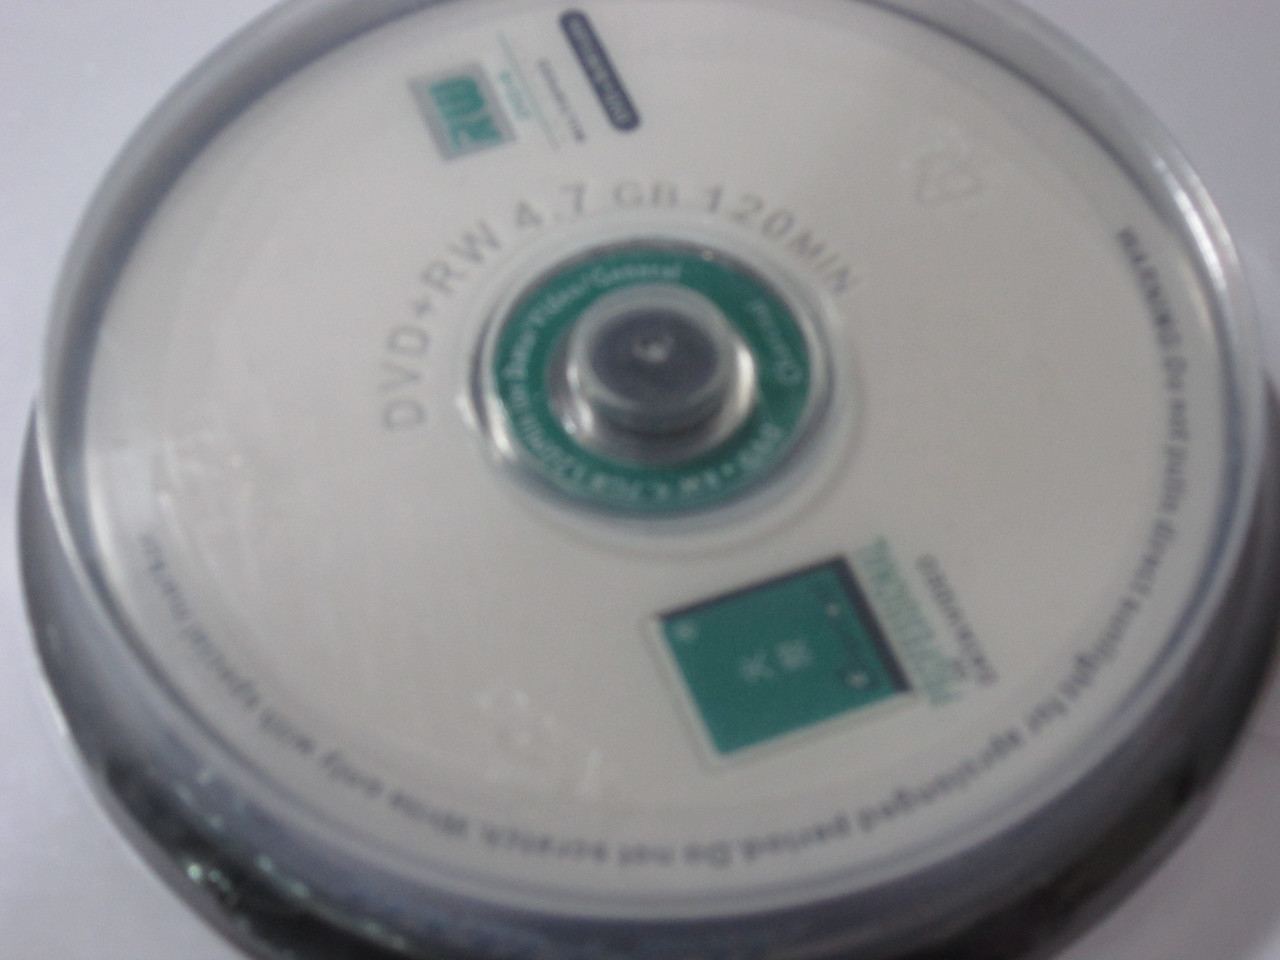 Диск DVD-RW 4.7 GB, Алматы